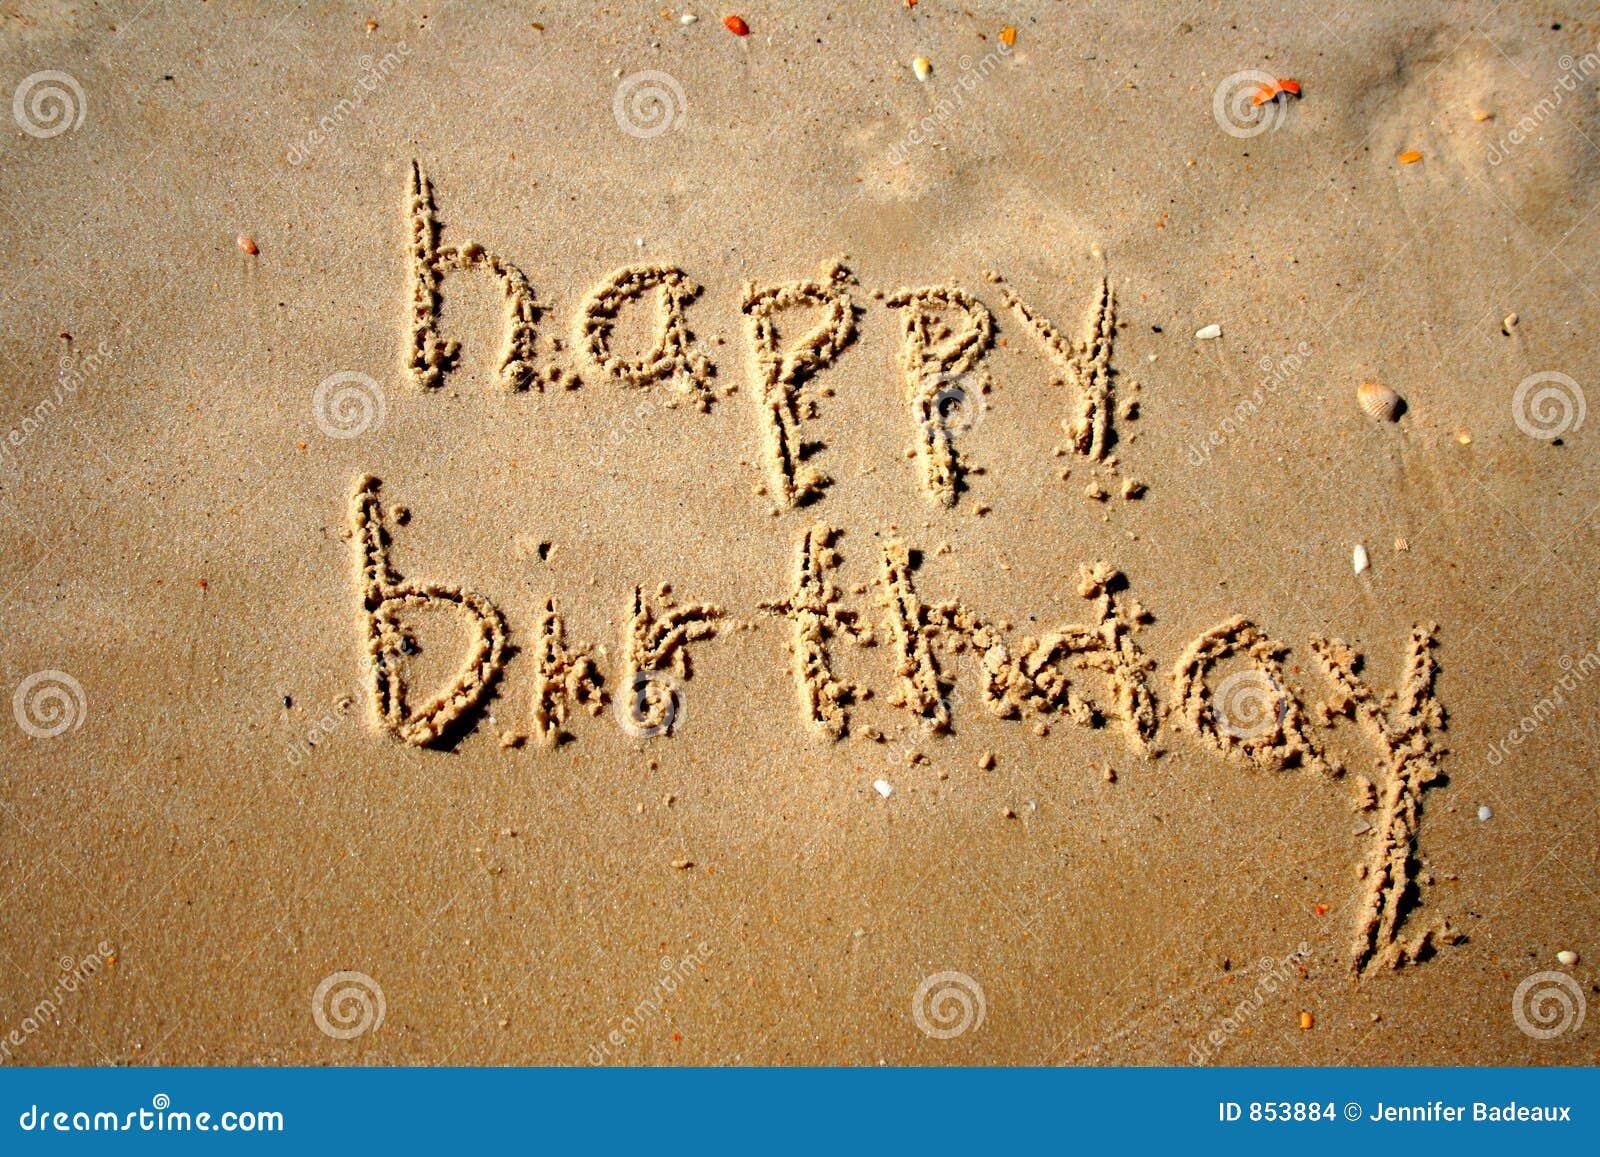 Verjaardag Afbeeldingen Voor Facebook At Tic87 Agneswamu